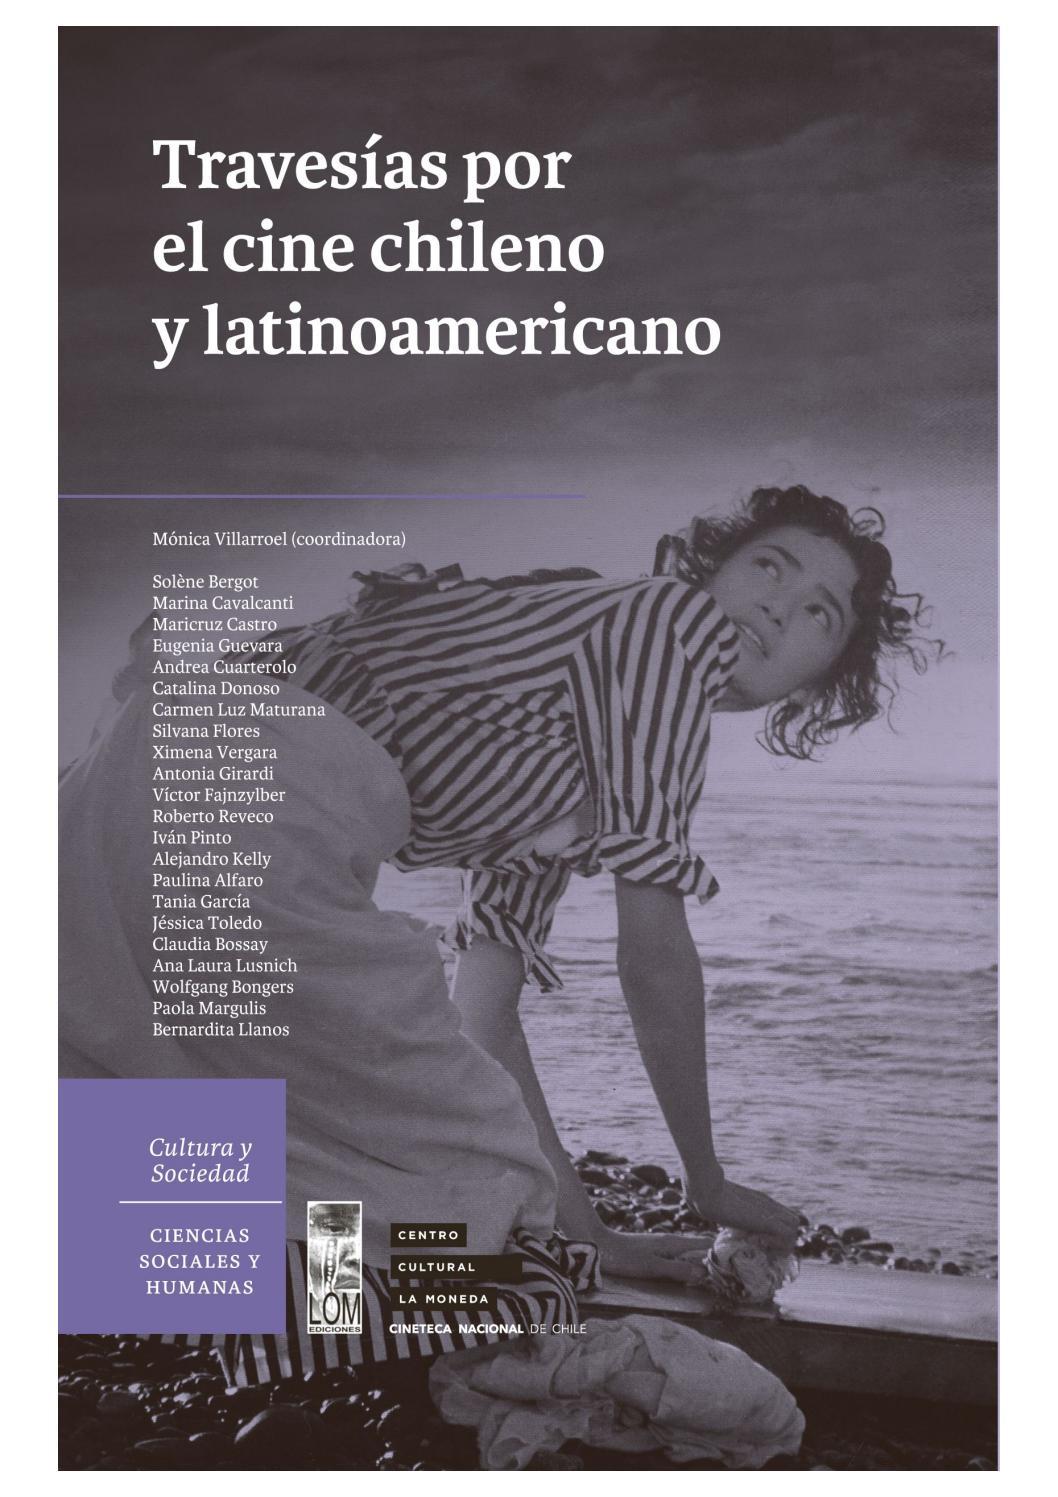 Travesías Por El Cine Chileno Y Latinoamericano By Cinetecanacionalchile Issuu